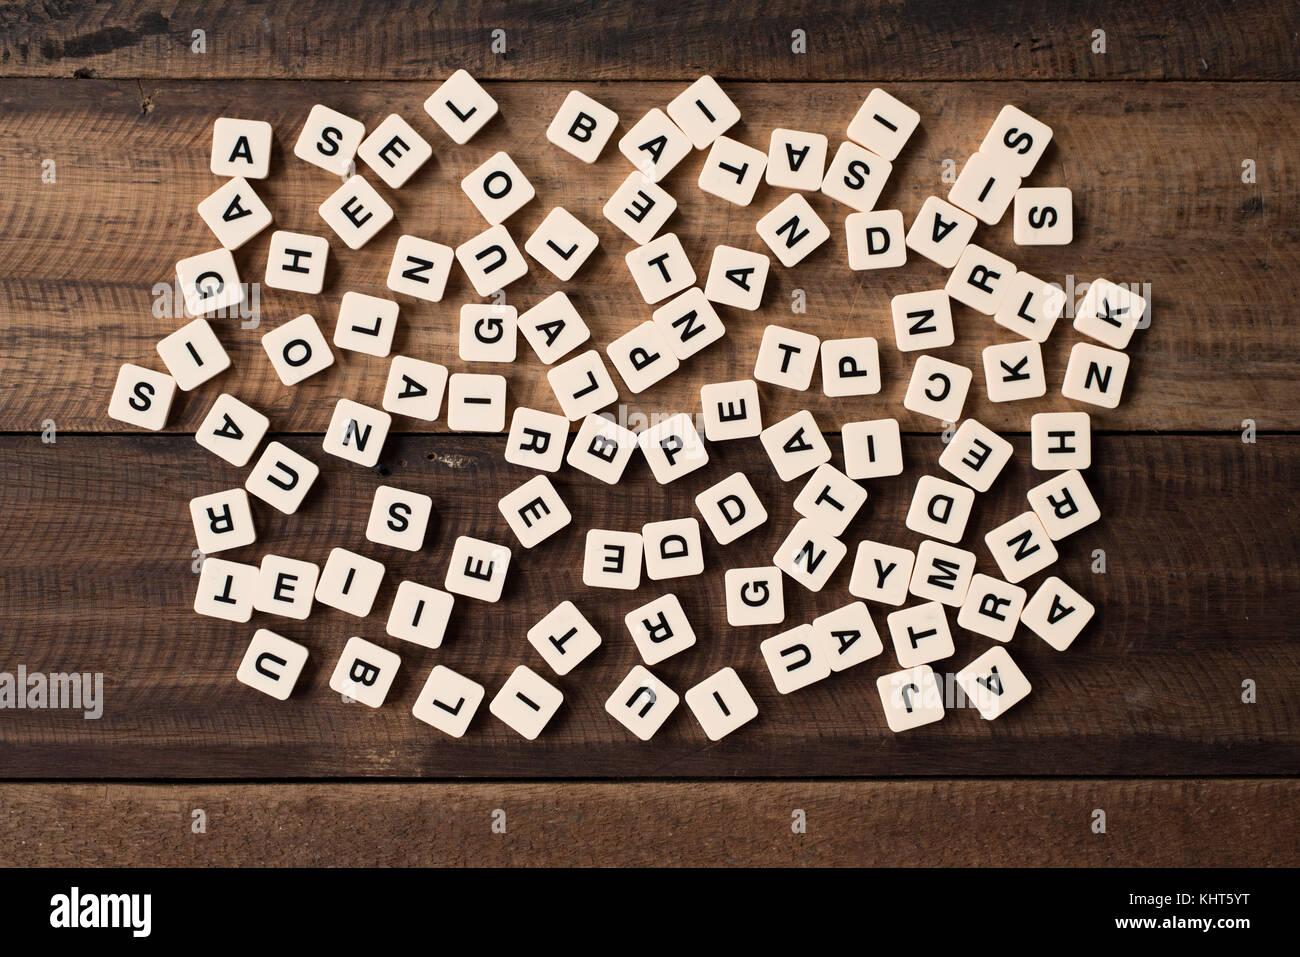 Concepto de educación y aprendizaje - alfabeto azulejos / bloques sobre fondo de madera Imagen De Stock